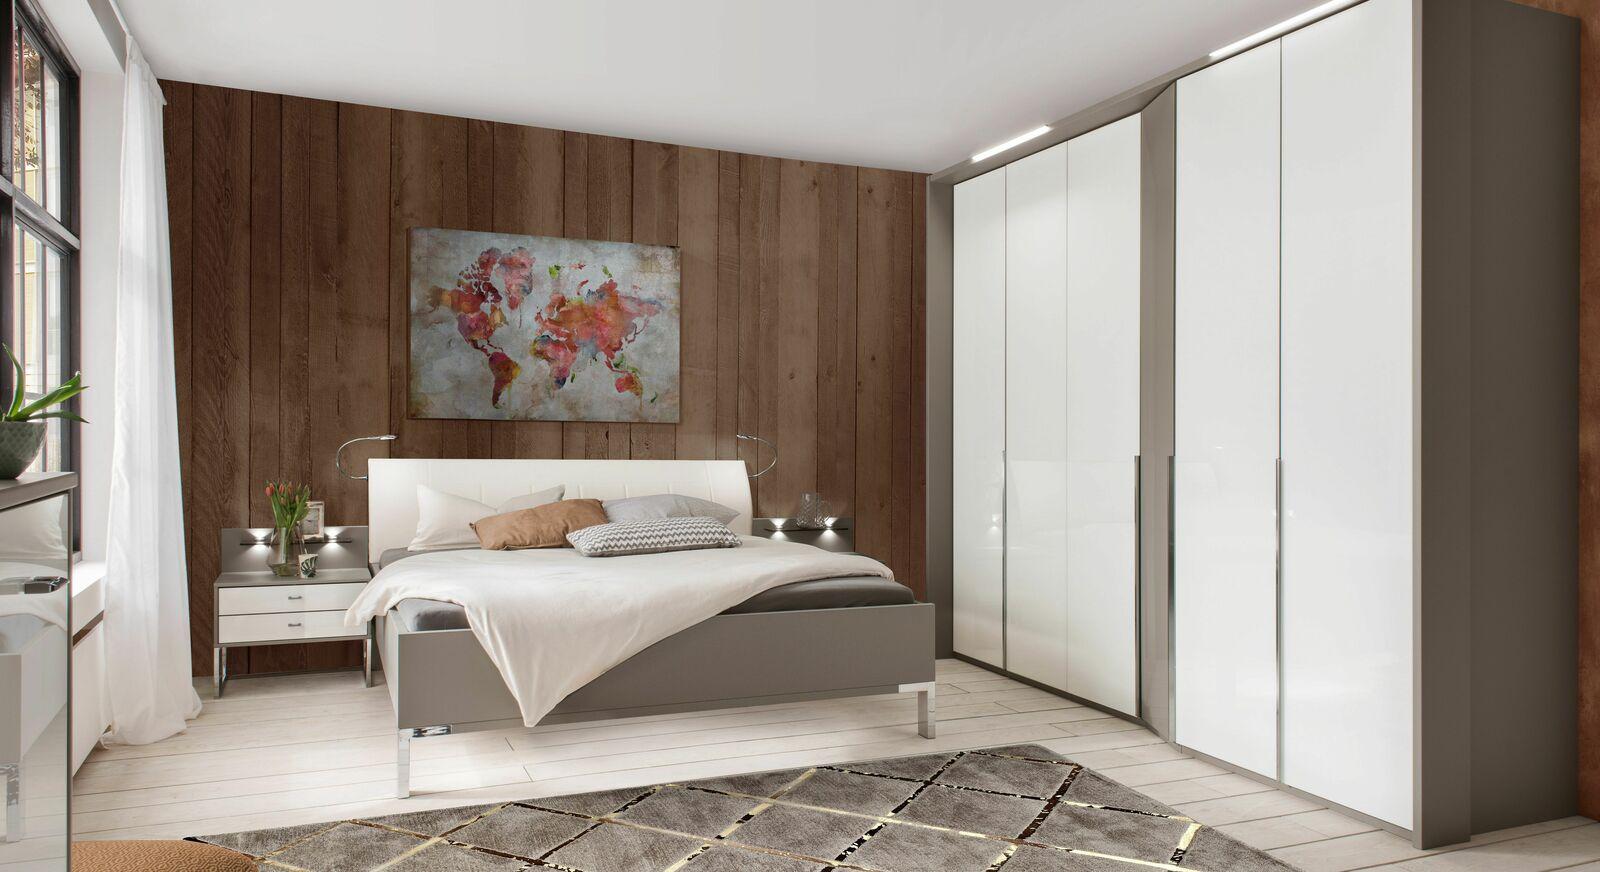 Komplett-Schlafzimmer Evansville in kontrastreichen Dekoren